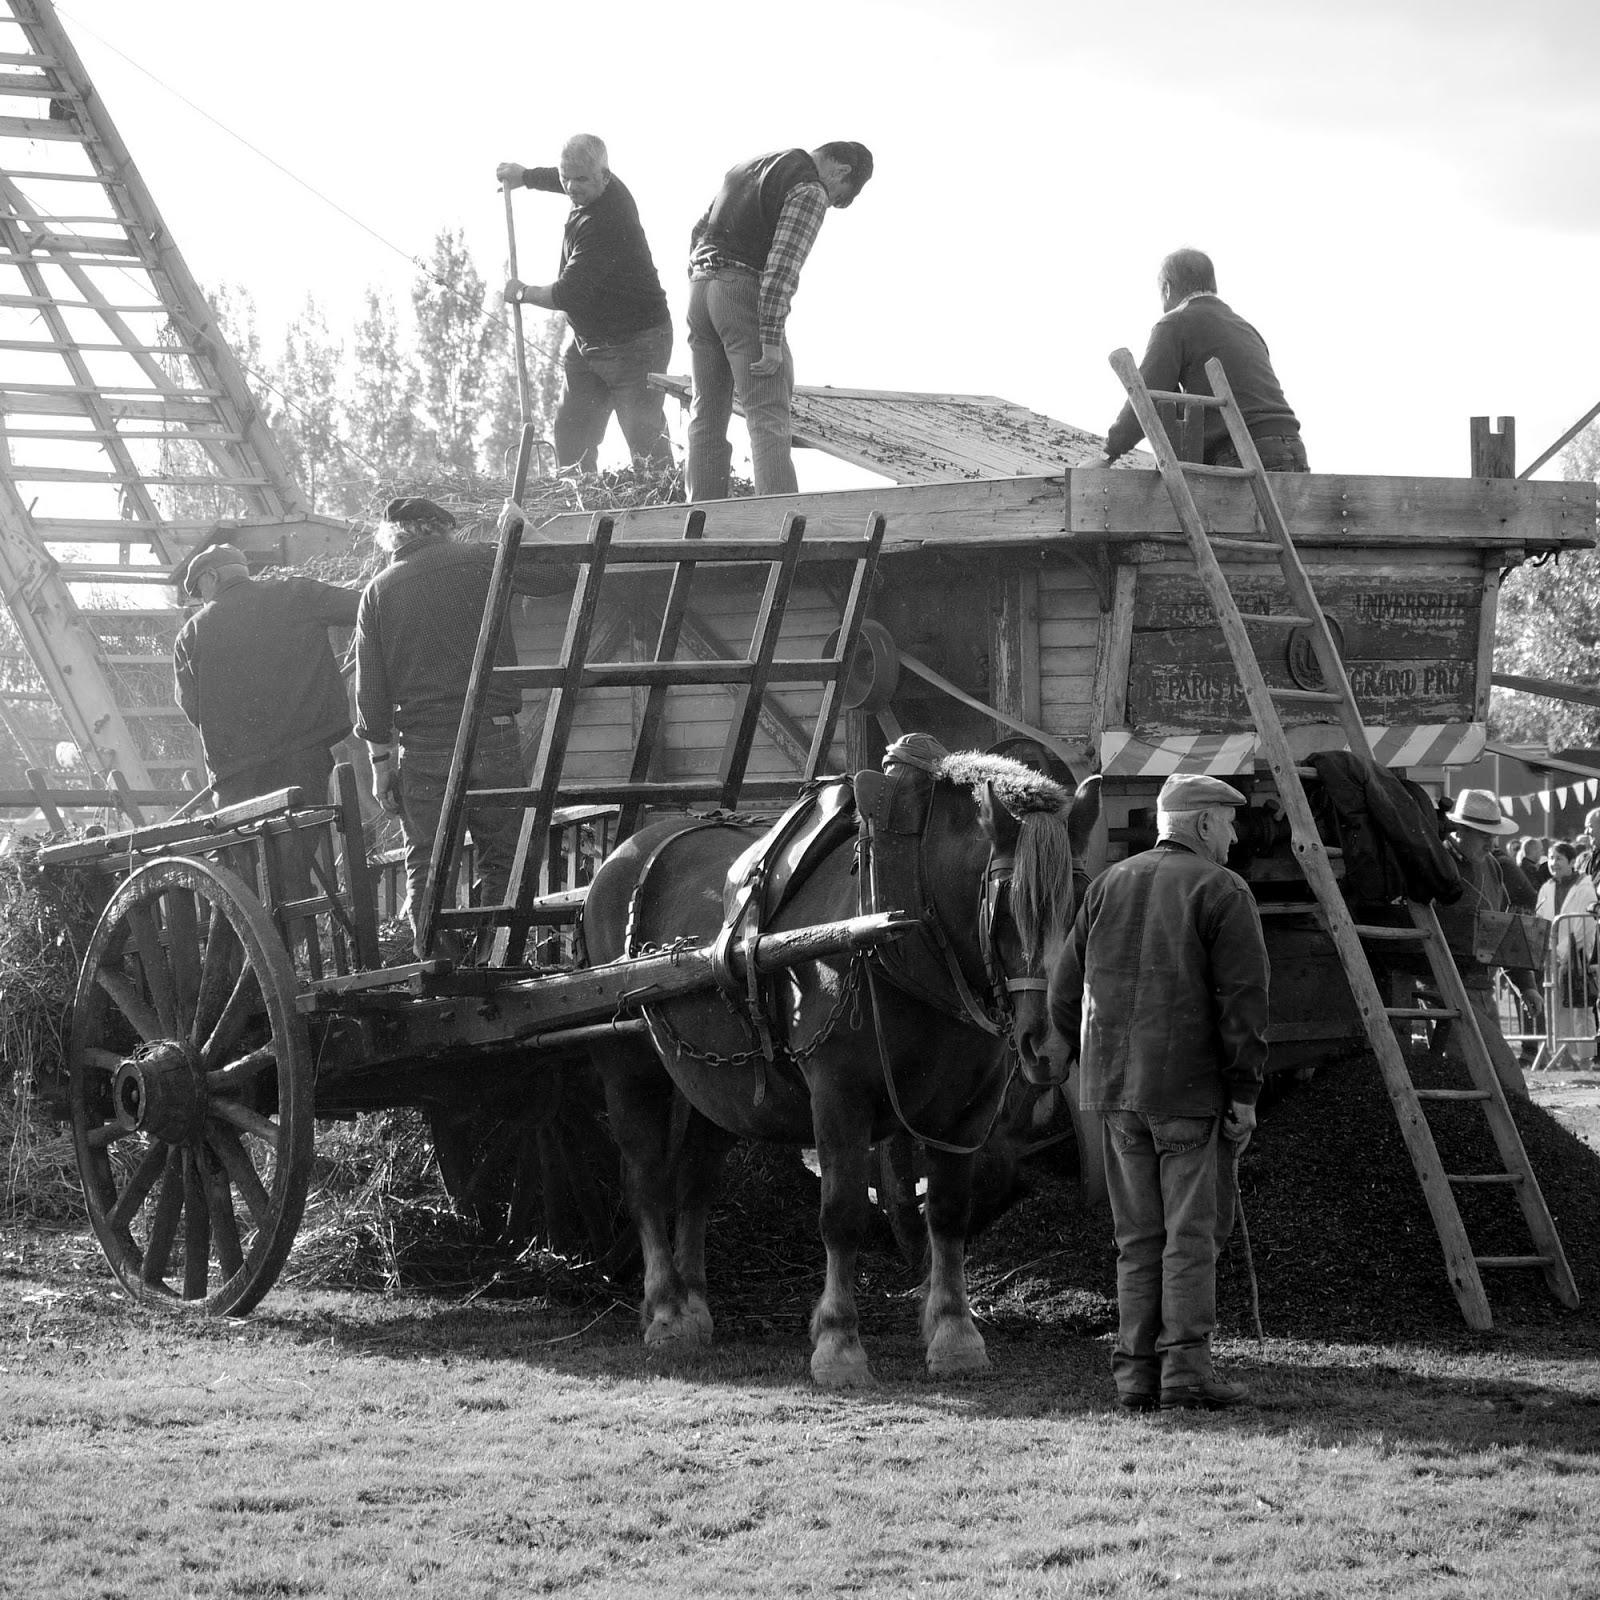 Le battage du blé noir Battage-ancienne-cheval-trait-breton-fete-de-la-galette-pipriac-2010-musardise-pays-de-vilaine-sarrasin-ble-noir-bretagne-